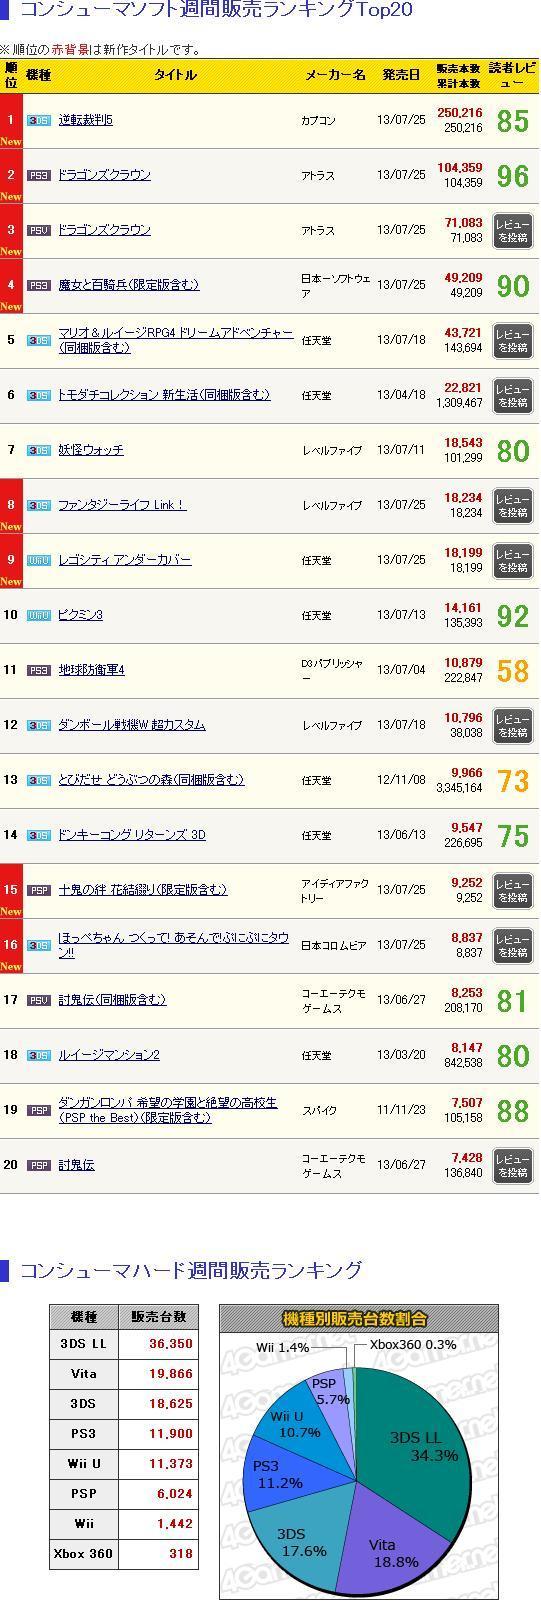 「逆転裁判5」25万本,「ドラゴンズクラウン」合計17万5000本,「魔女と百騎兵」4万9000本など,新作多数の「ゲームソフト週間販売ランキング+」 - 4Gamer